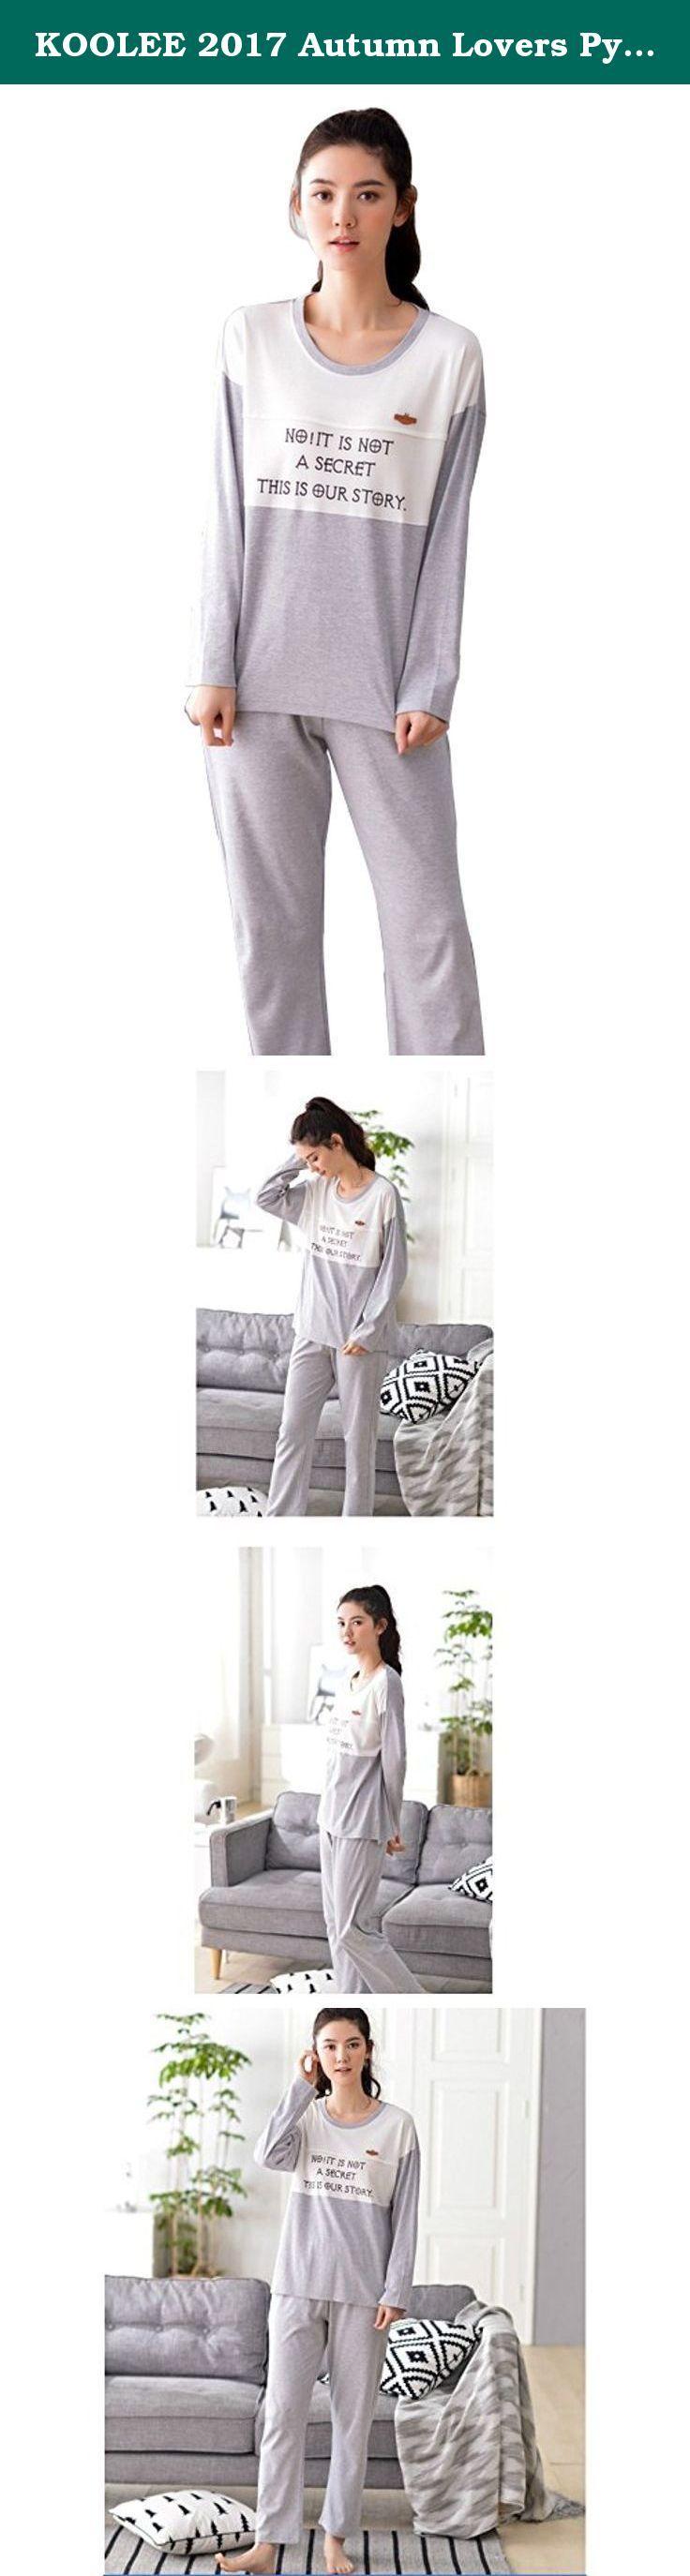 KOOLEE 2017 Autumn Lovers Pyjamas Long-Sleeve Cotton Couples Matching Pajamas (XL, Women grey). 2017 Autumn Lovers Pyjamas Long-Sleeve Cotton Couples Matching Pajamas.